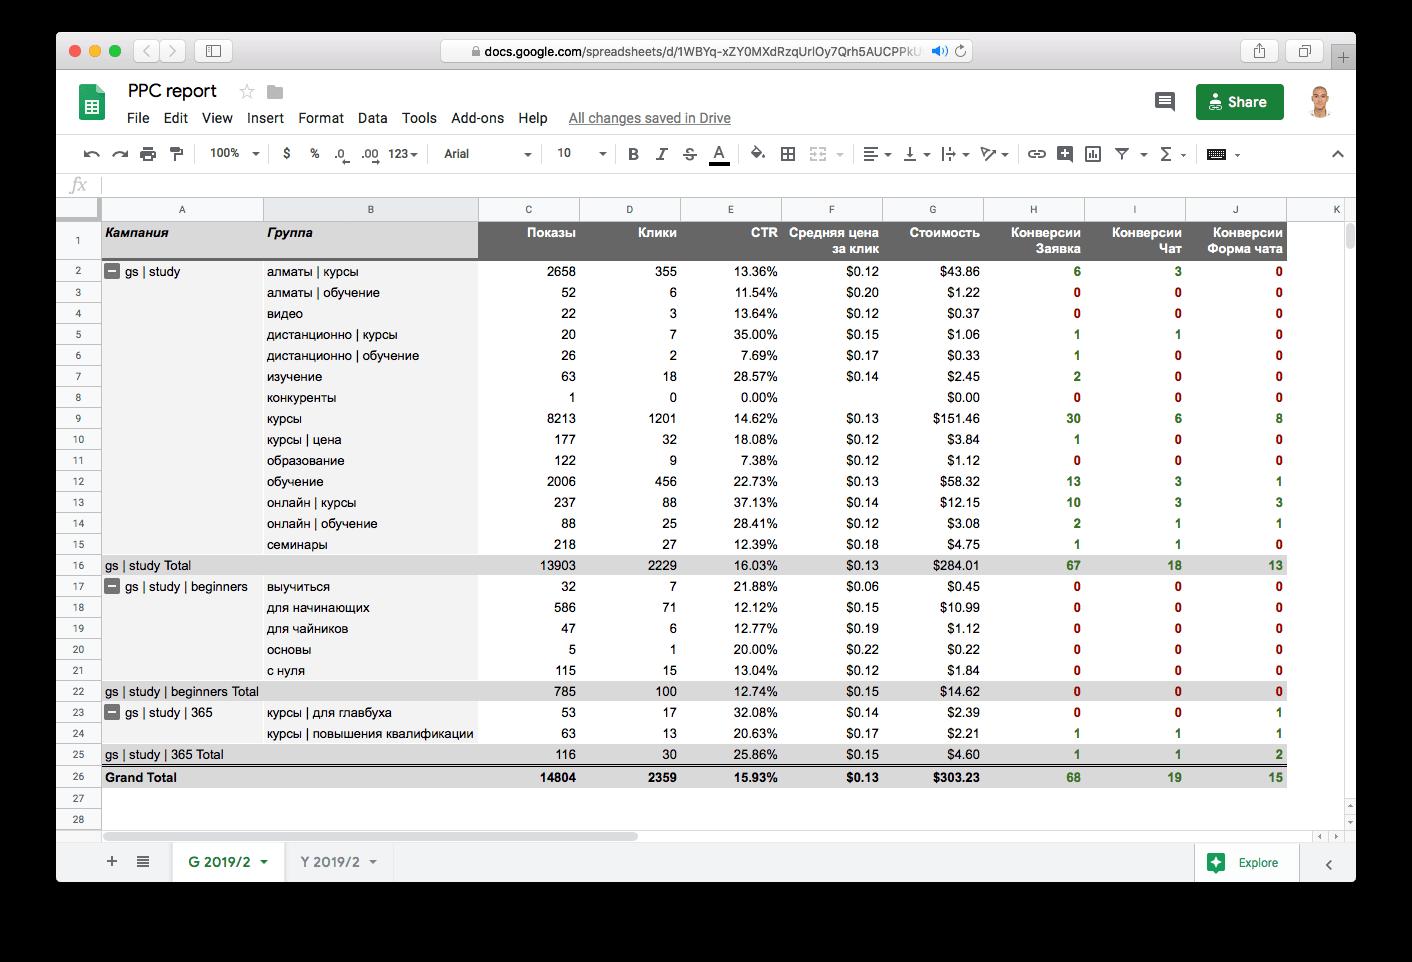 Отчет по рекламным кампаниям в Гугл-Таблицах